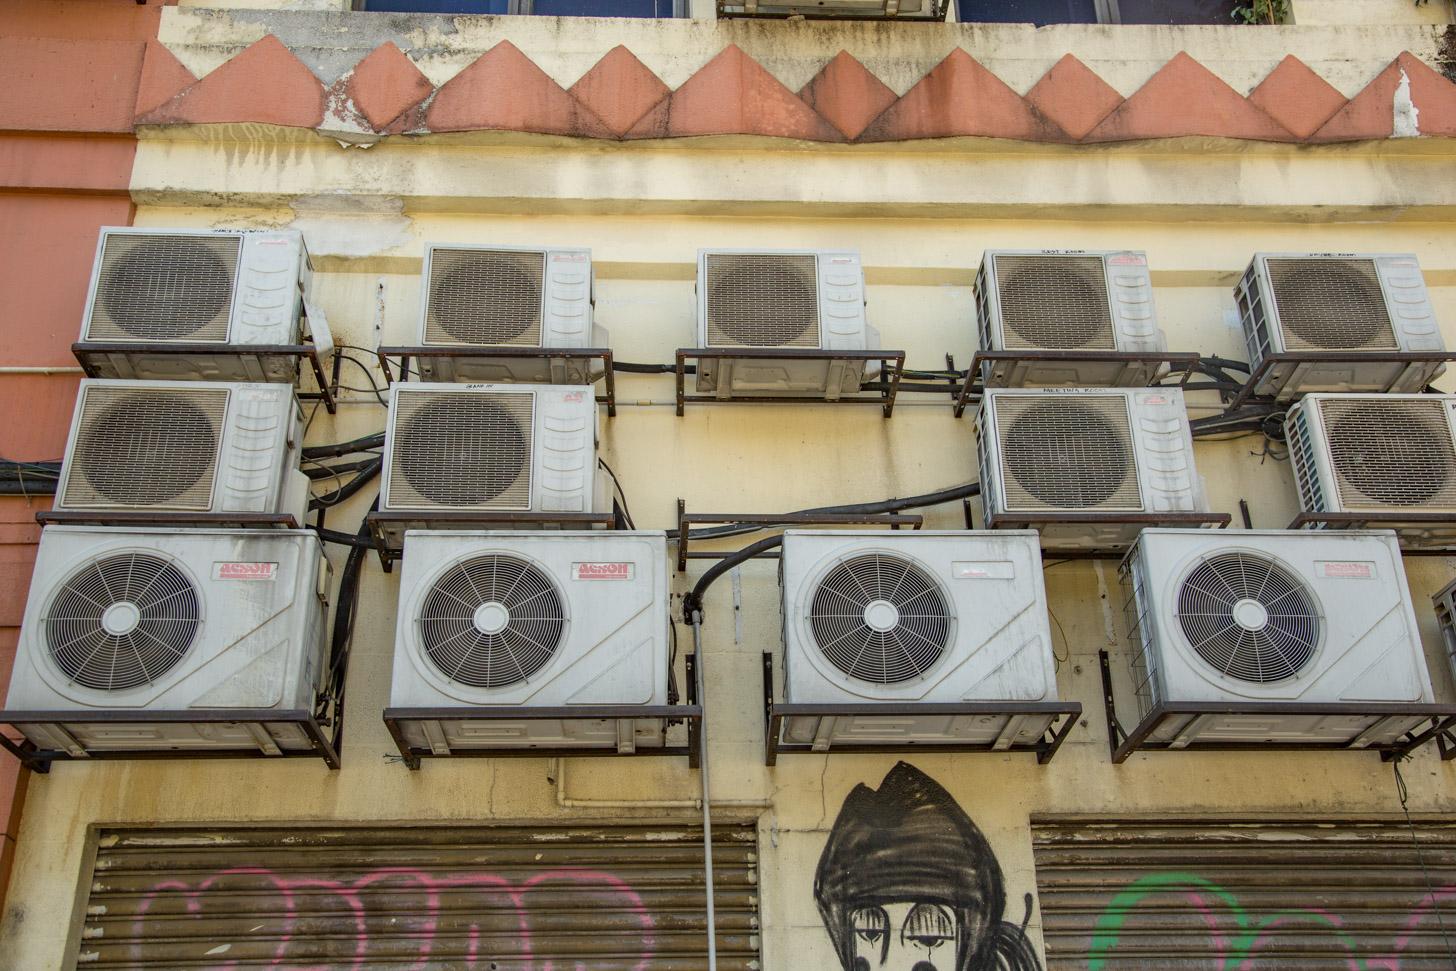 Het hoofd koel houden kan dankzij airco's